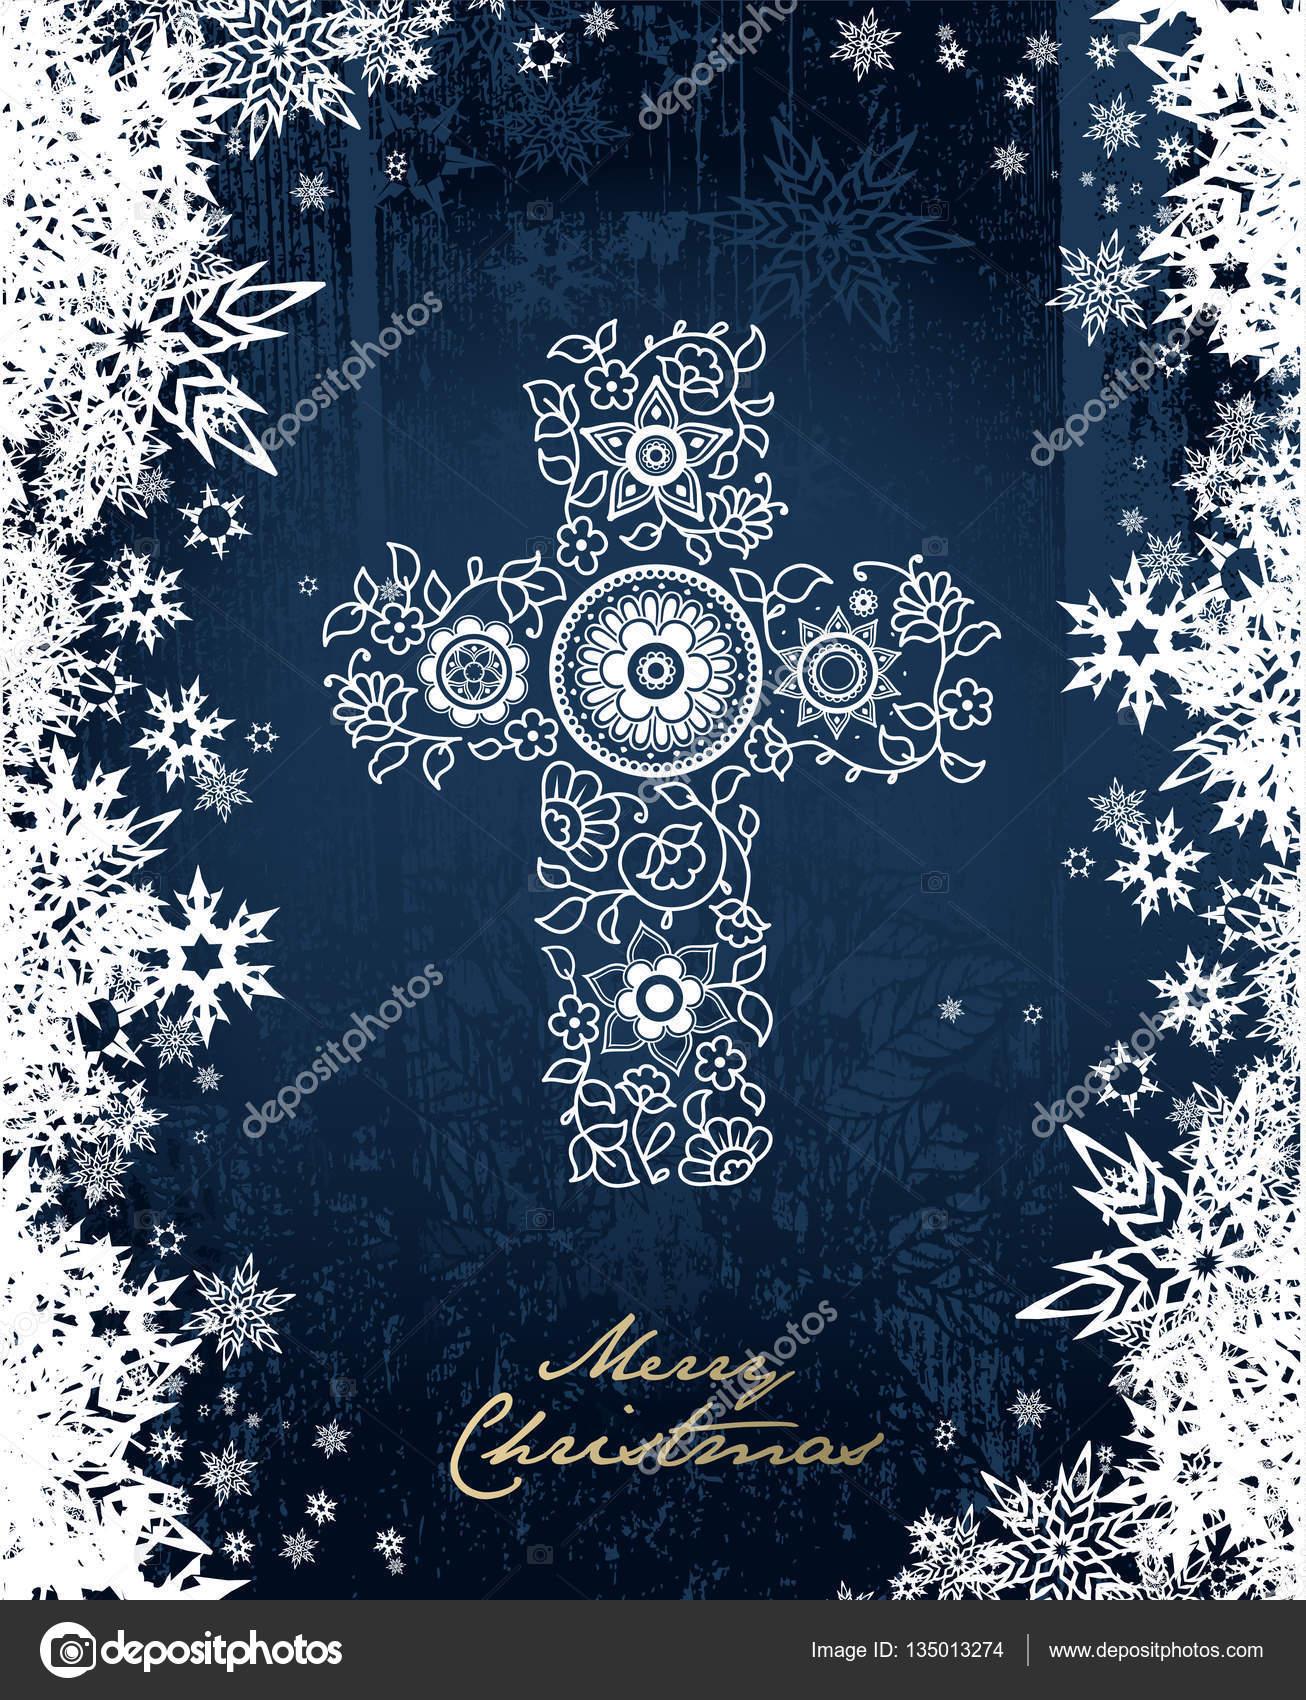 Weihnachten Im Christentum.Frohe Weihnachten Hintergrund Mit Weißen Blumen Christentum Kreuz